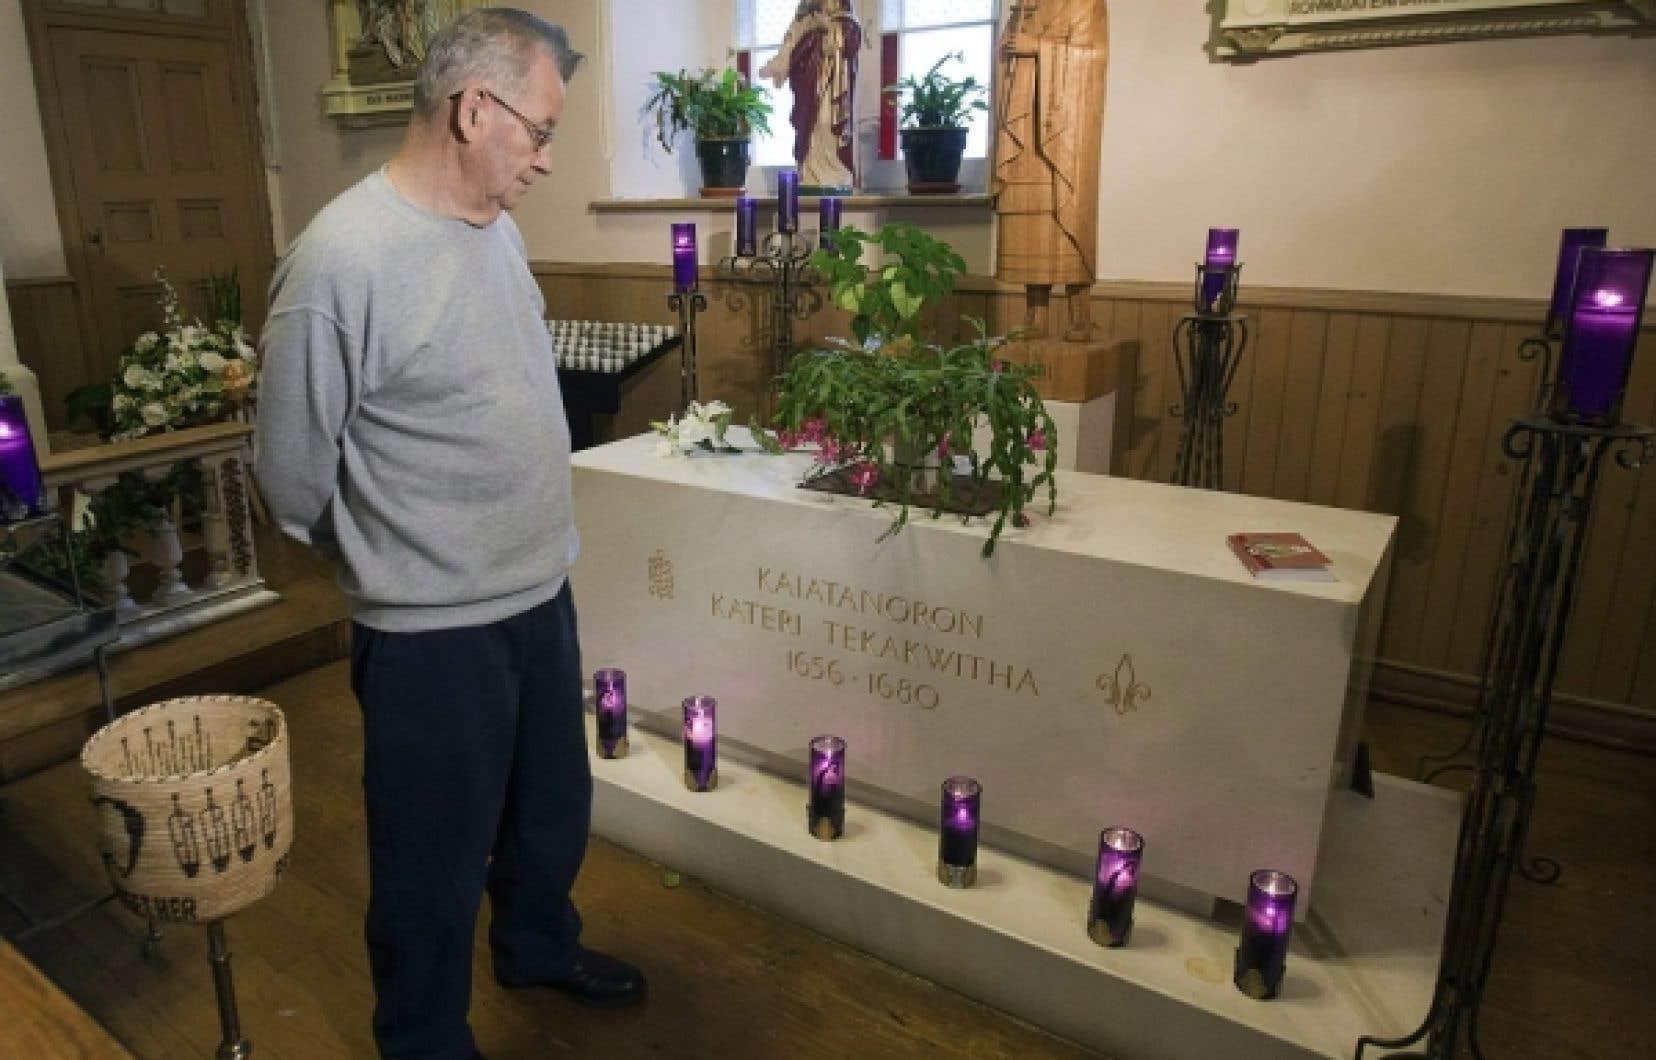 Kateri Tekakwitha est enterrée dans un tombeau de marbre dans l'église St François-Xavier, à Kahnawake, près de Montréal.<br />